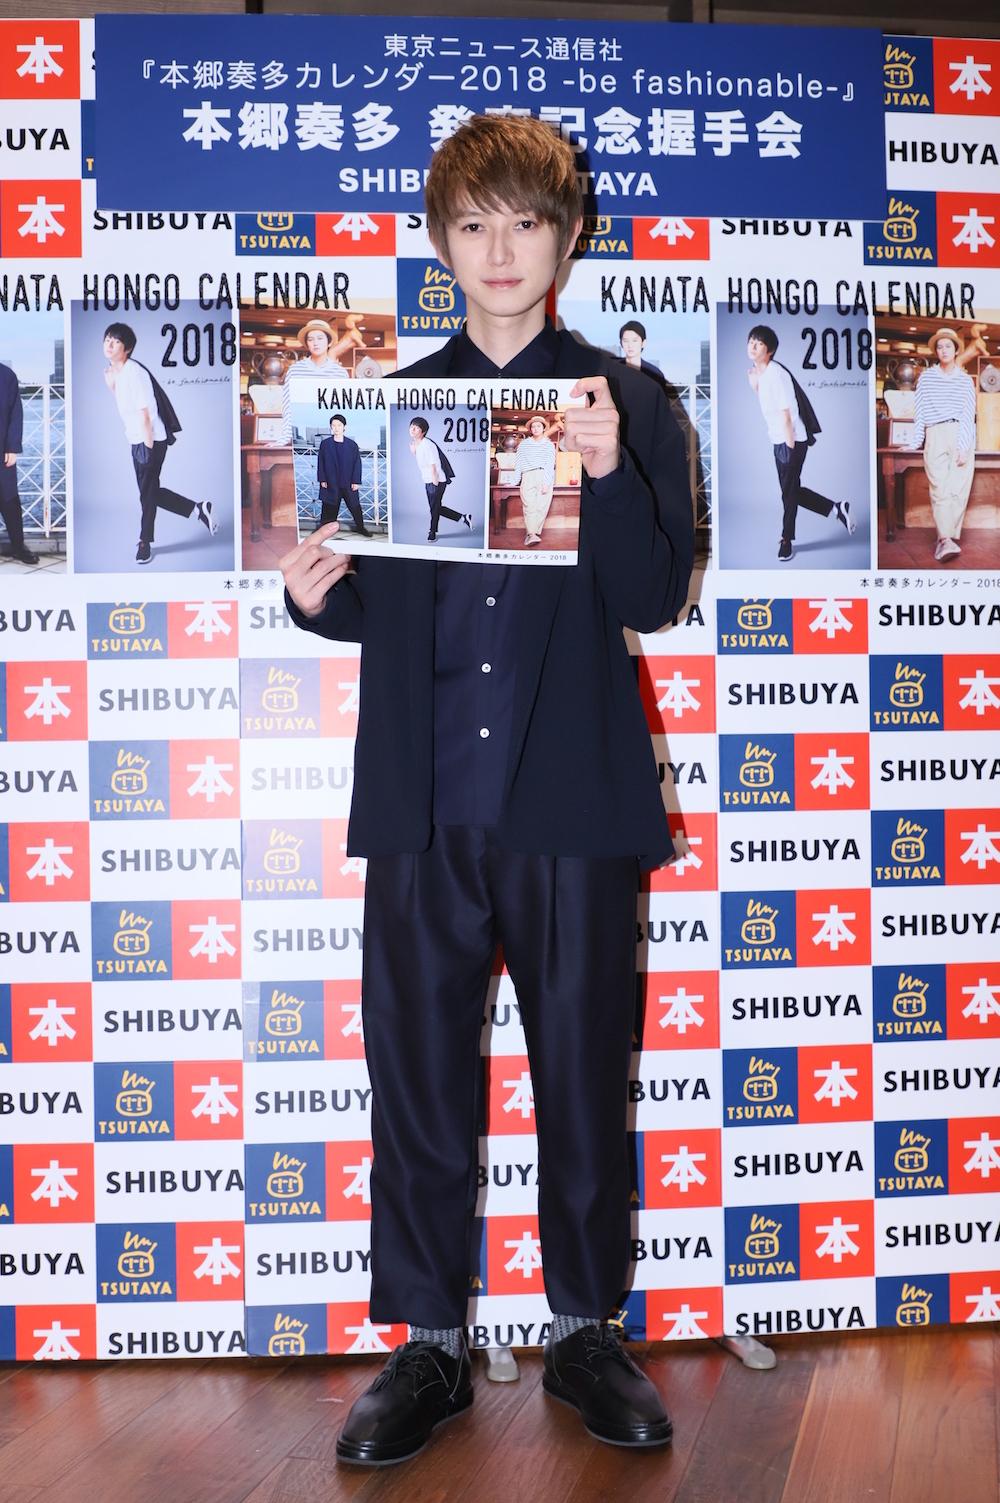 「本郷奏多カレンダー2018 -be fashionable-」 (東京ニュース通信社刊)